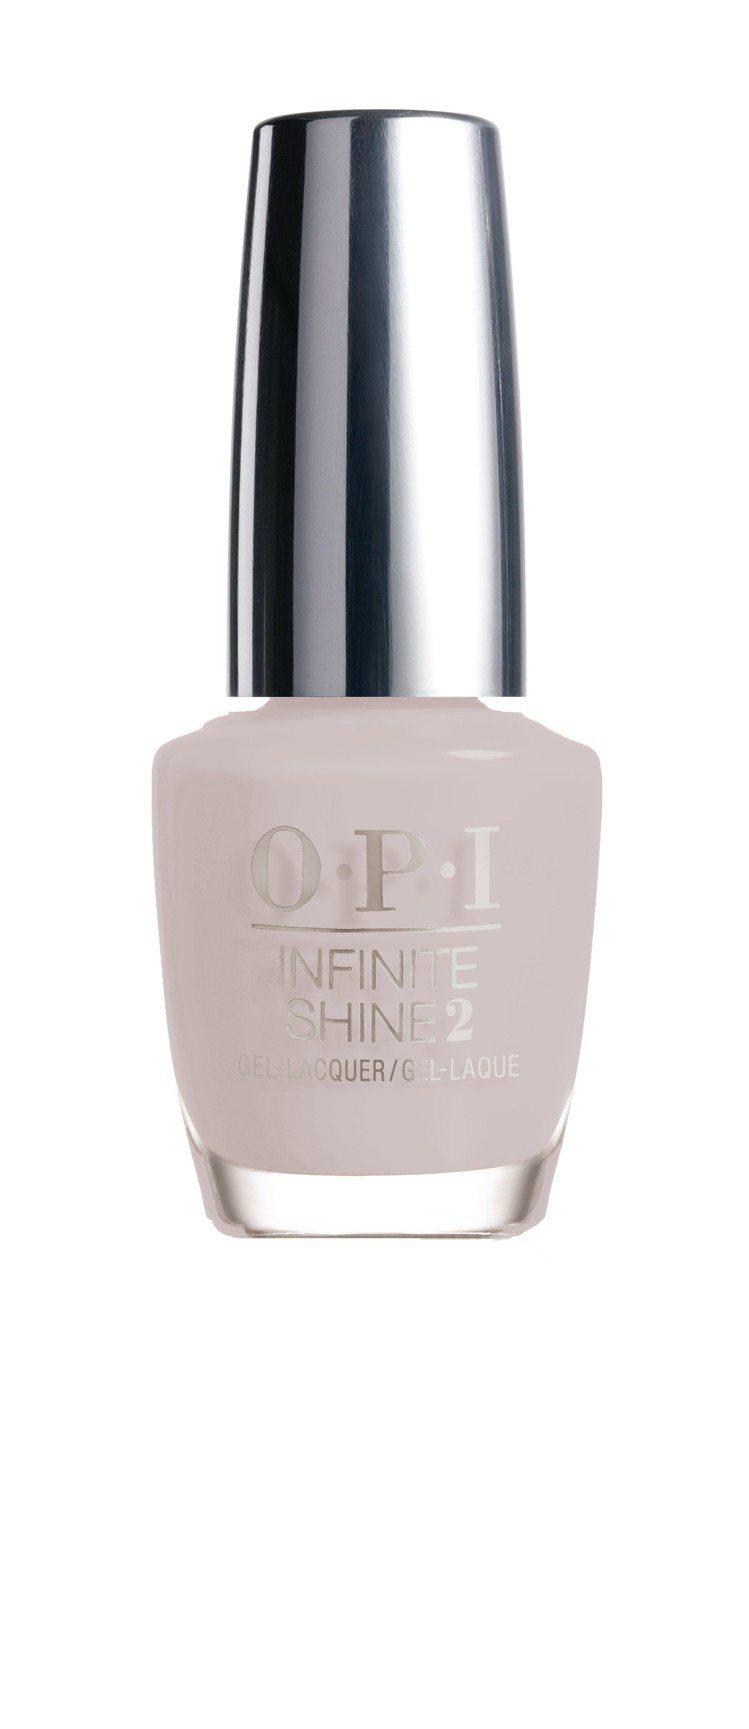 OPI如膠似漆類光繚指彩ISL75「自我風格」是港灣迷霧灰色,售價680元。圖/...